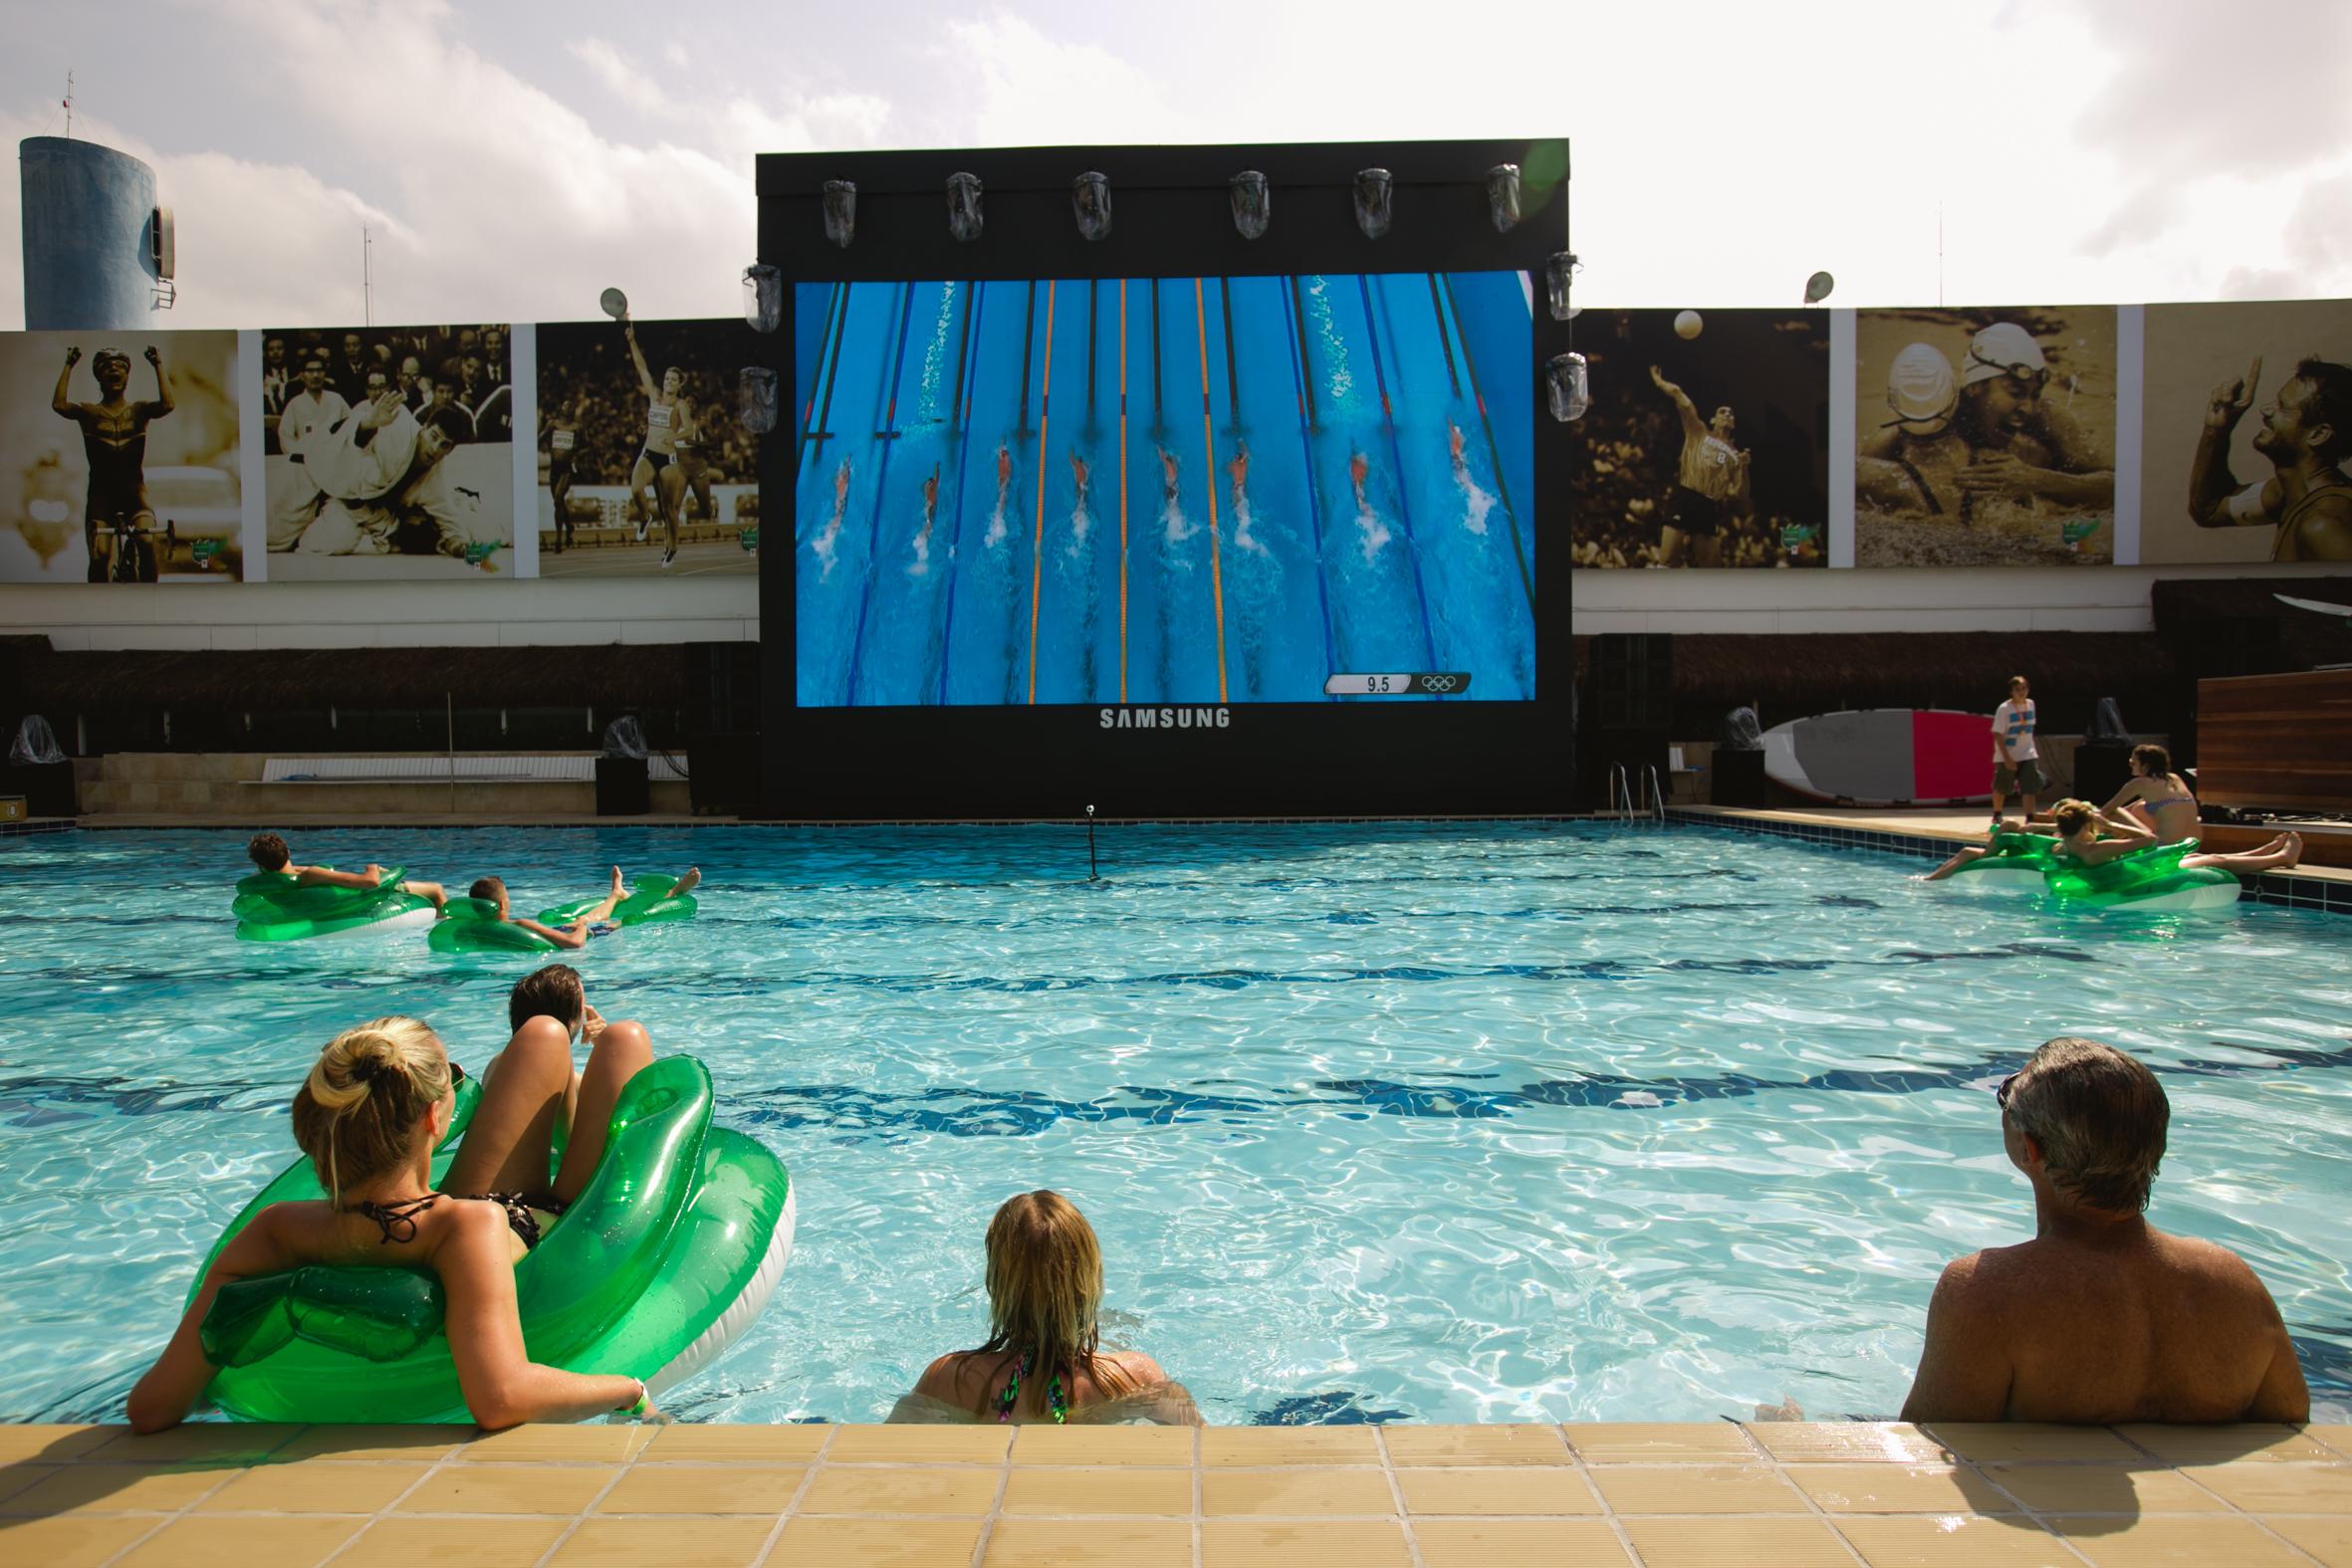 Assistir aos jogos nessa piscina maravilhosa é uma excelente opção nos dias quentes